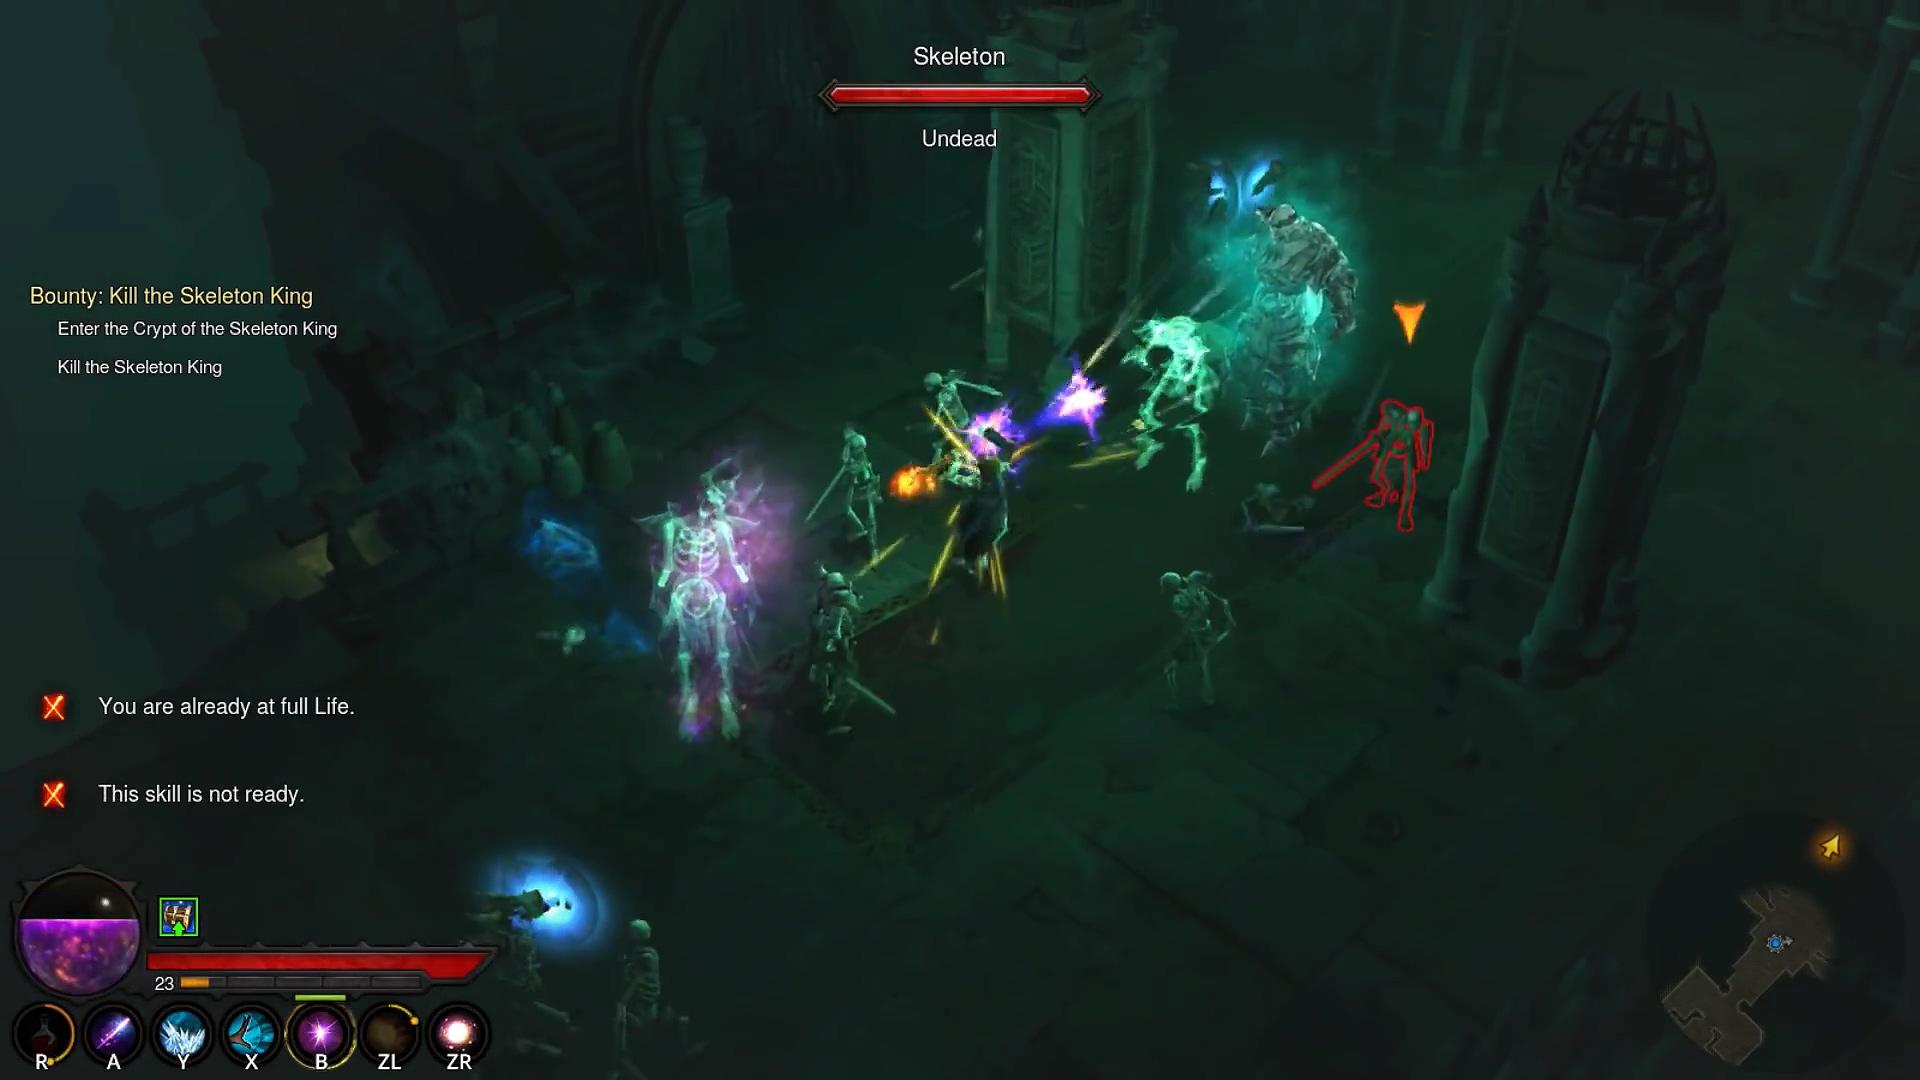 DF评测Switch版《暗黑破坏神3》目前最佳移动版暗黑